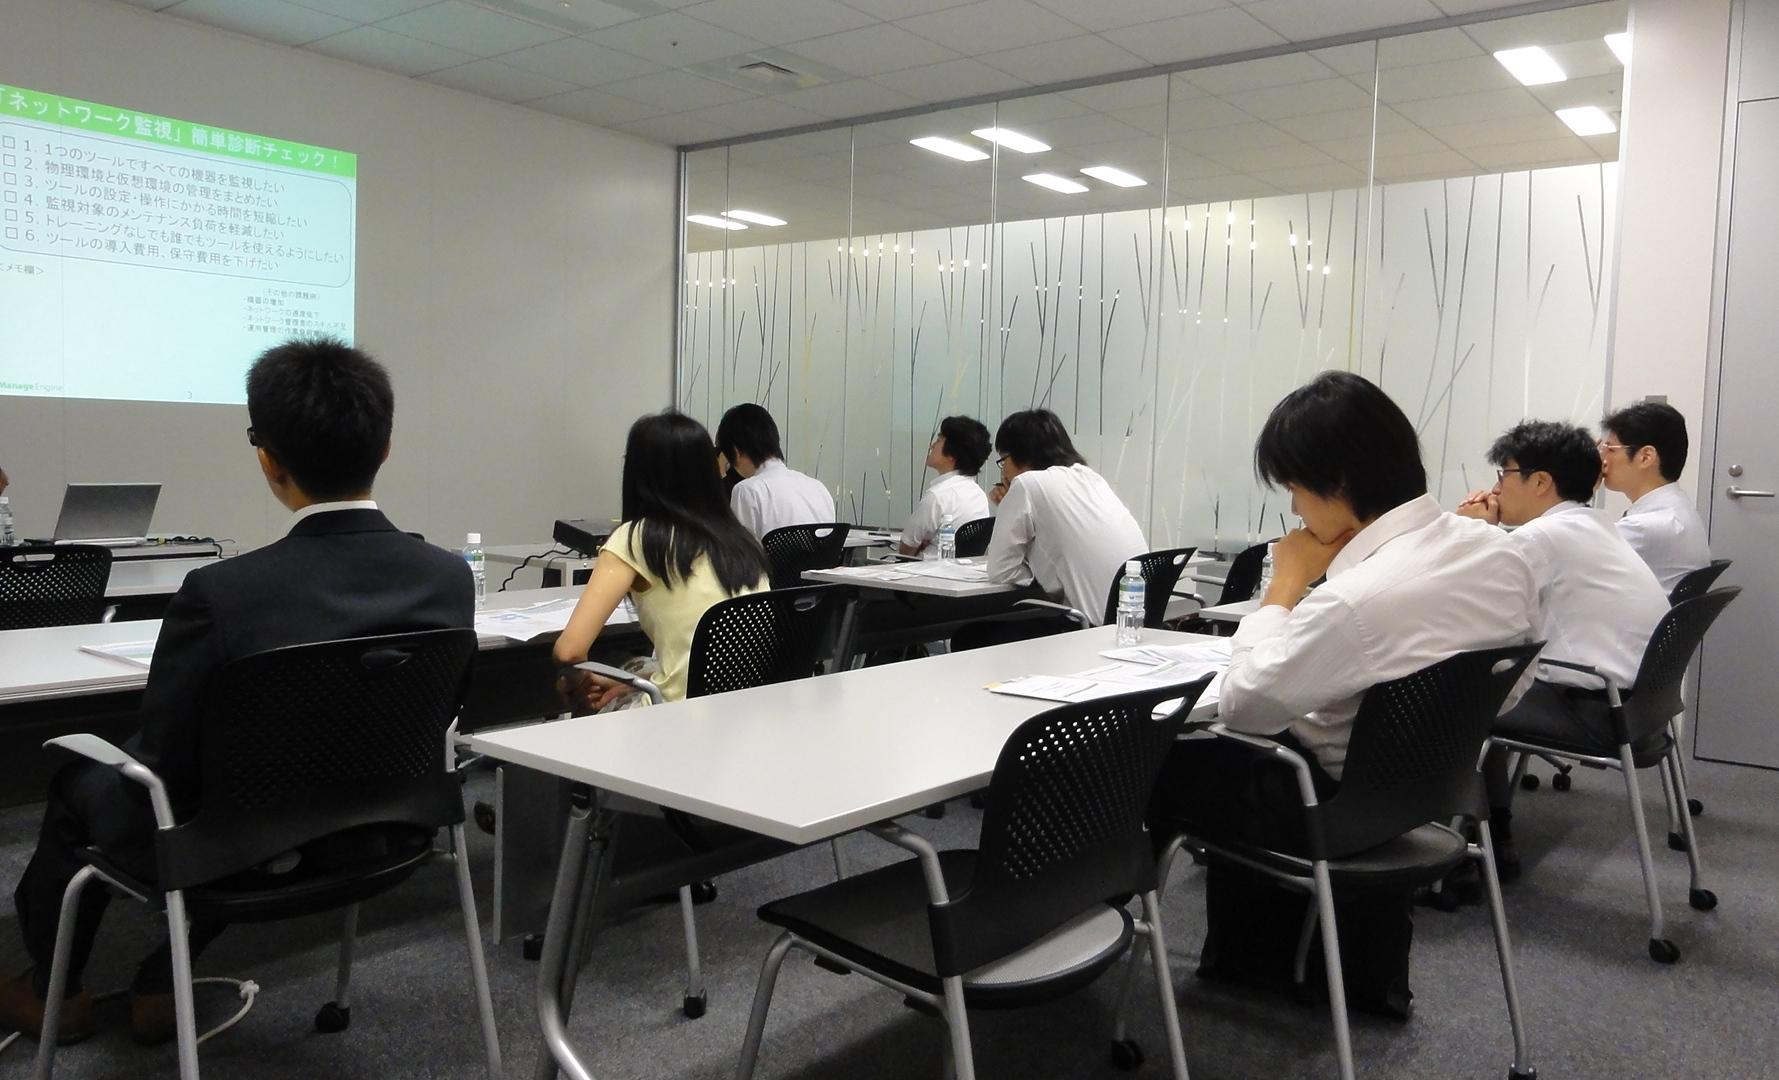 20110727中堅企業のためのネットワーク運用管理支援セミナー風景